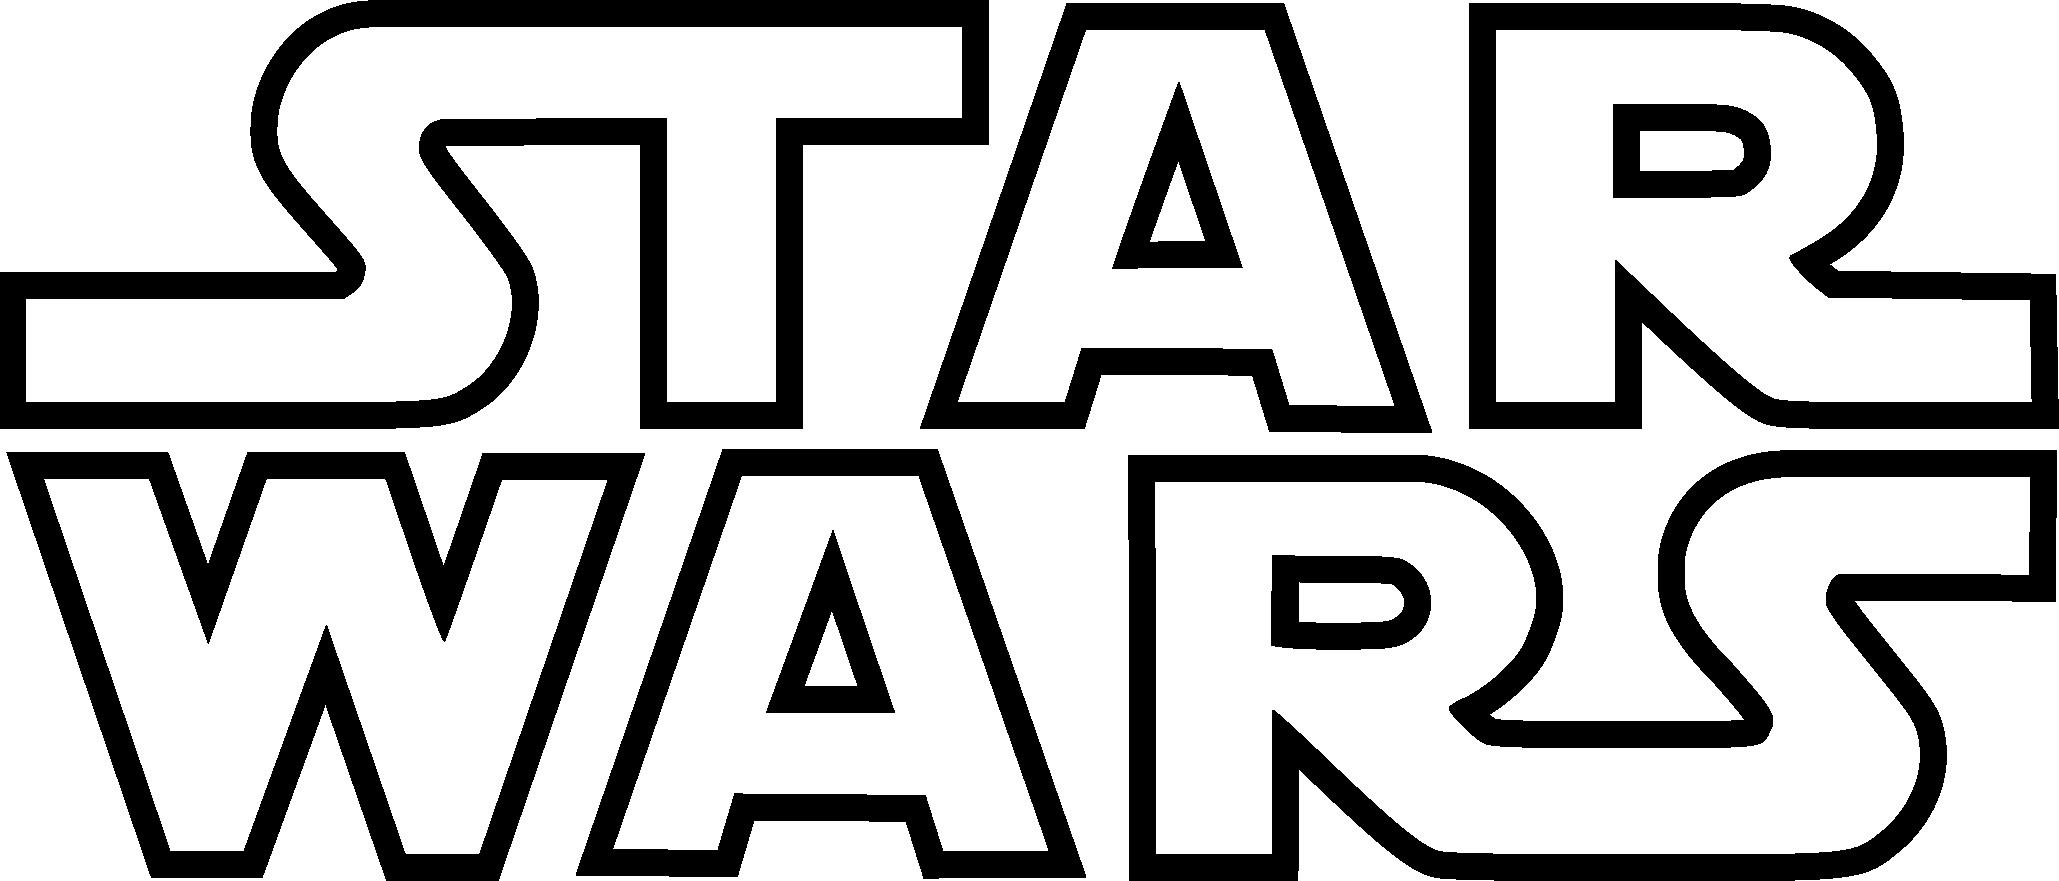 Star Wars Logo Background PNG Image.